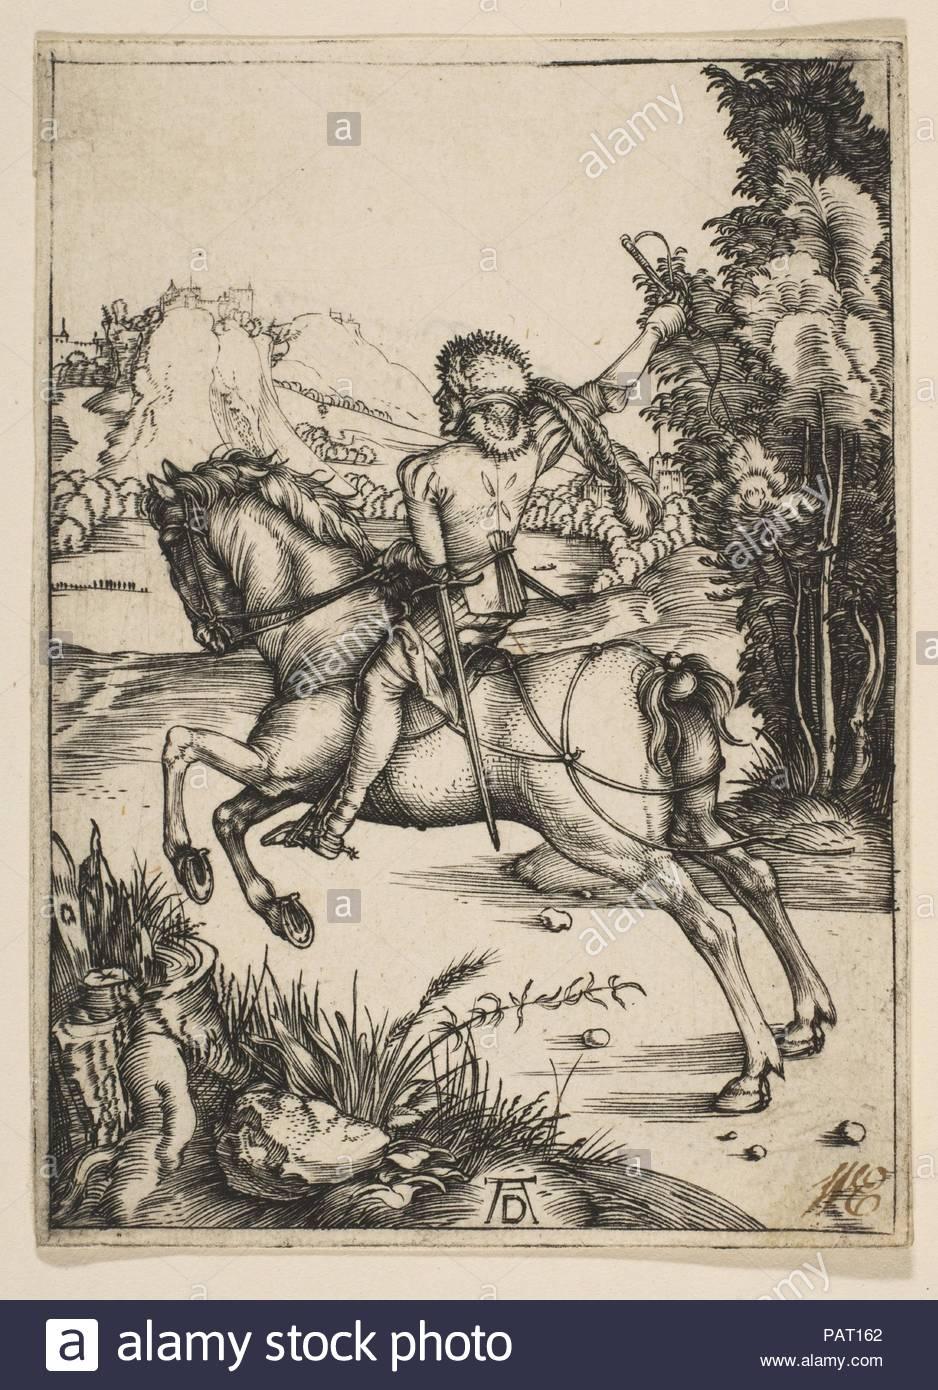 Der kleine Kurier. Künstler: Albrecht Dürer (Deutsch, Nürnberg 1471-1528 Nürnberg). Datum: n. d.. Museum: Metropolitan Museum of Art, New York, USA. Stockfoto